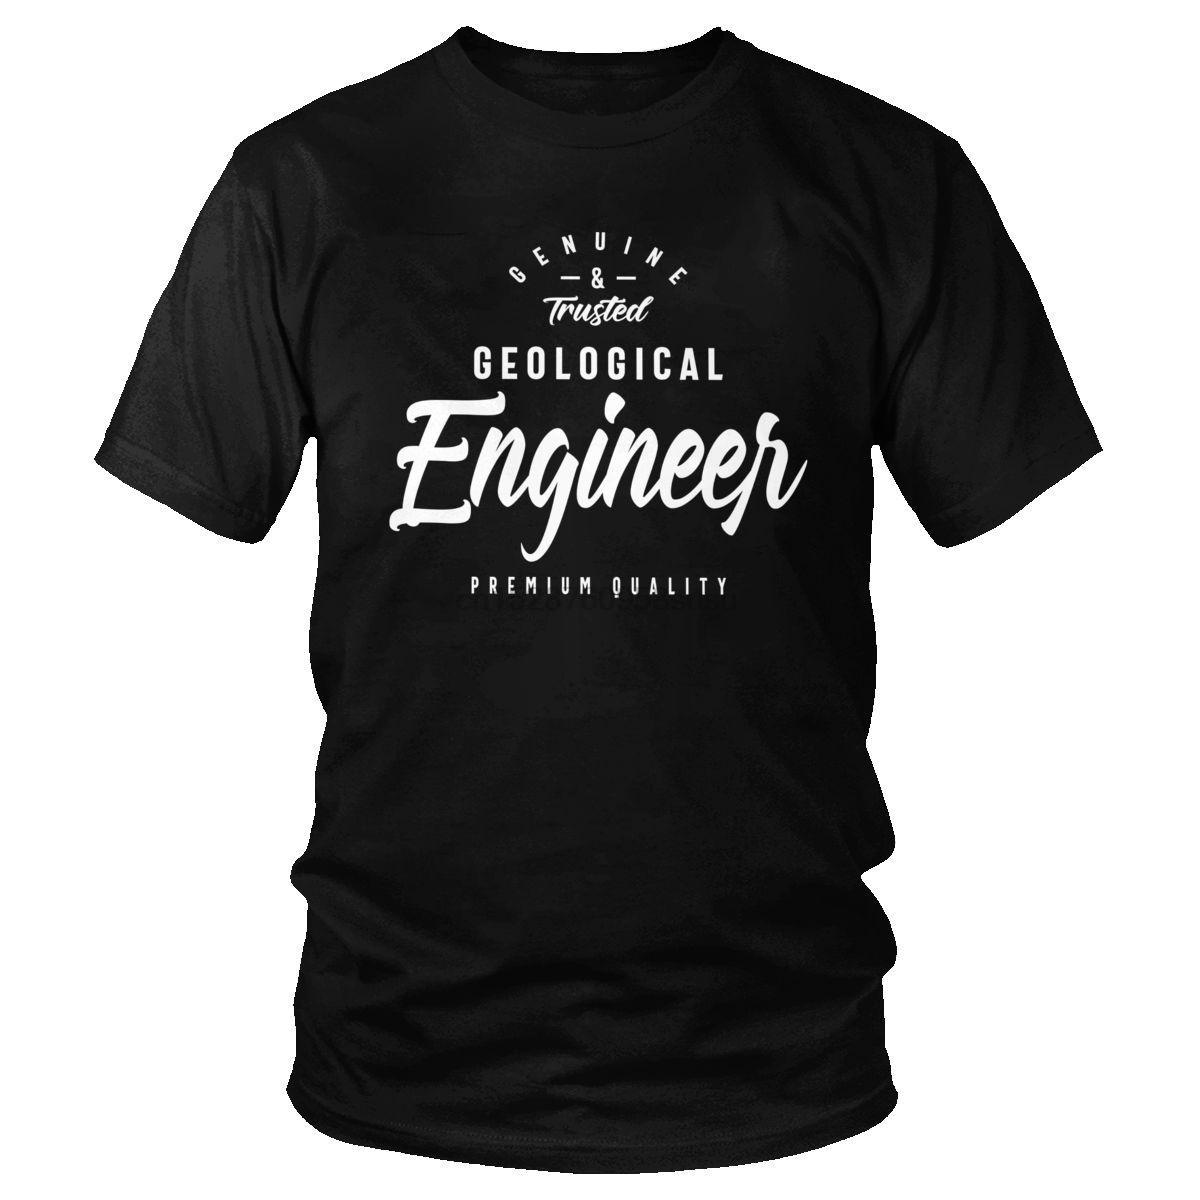 La moda más reciente camiseta para hombres de algodón geológica Ingeniero camiseta de manga corta camiseta adulto de confianza geólogo camiseta regalo informal